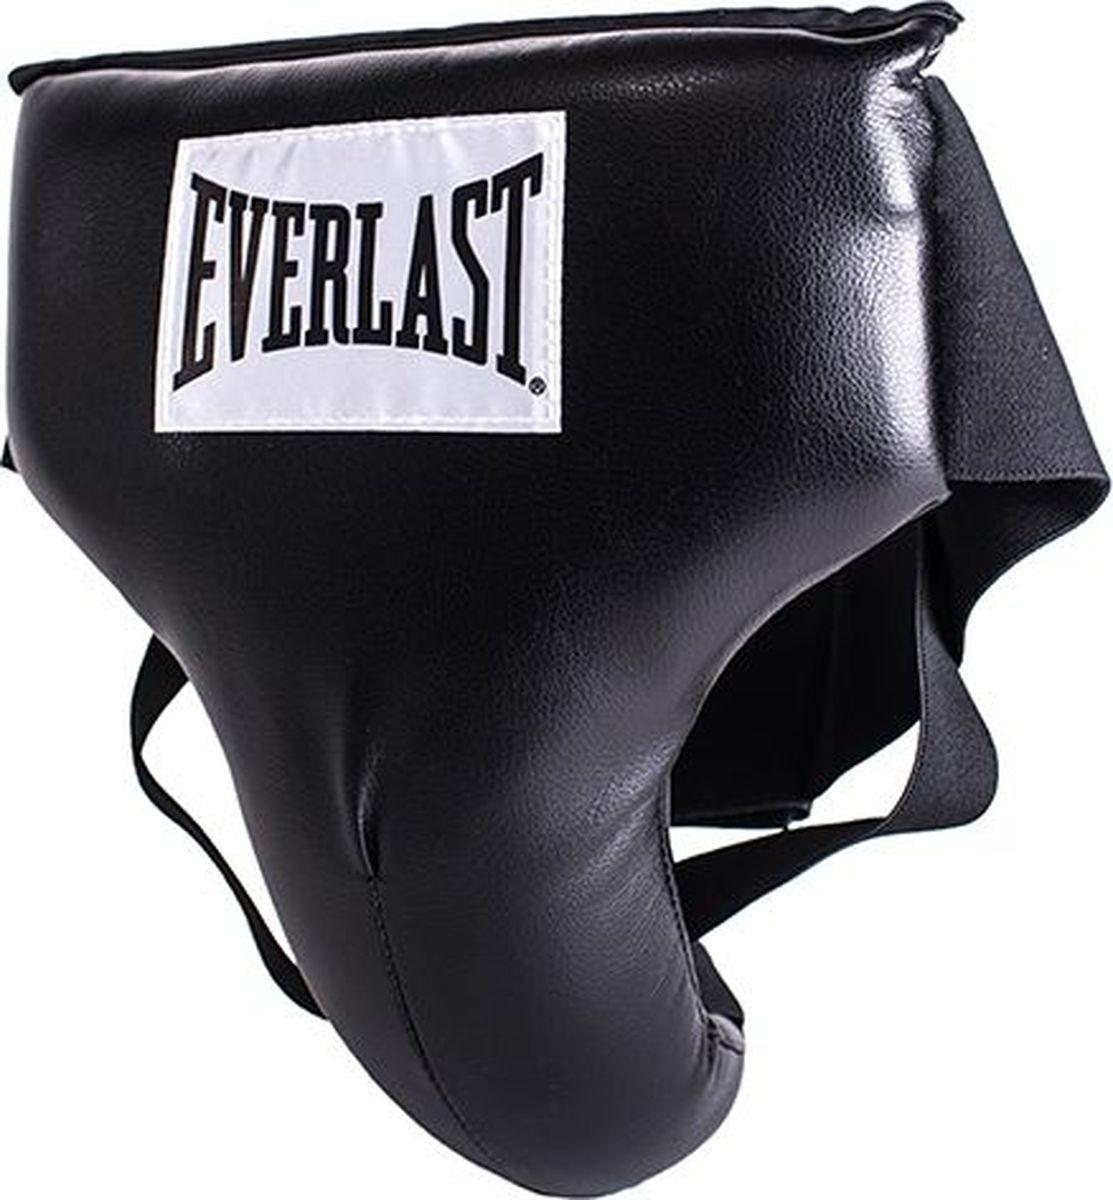 Защита паха Everlast Vinyl Pro, 500001U, черный, размер S nice tea cup background 5 7ft vinyl fabric cloth цифровая печать photo studio backdrop s 3031